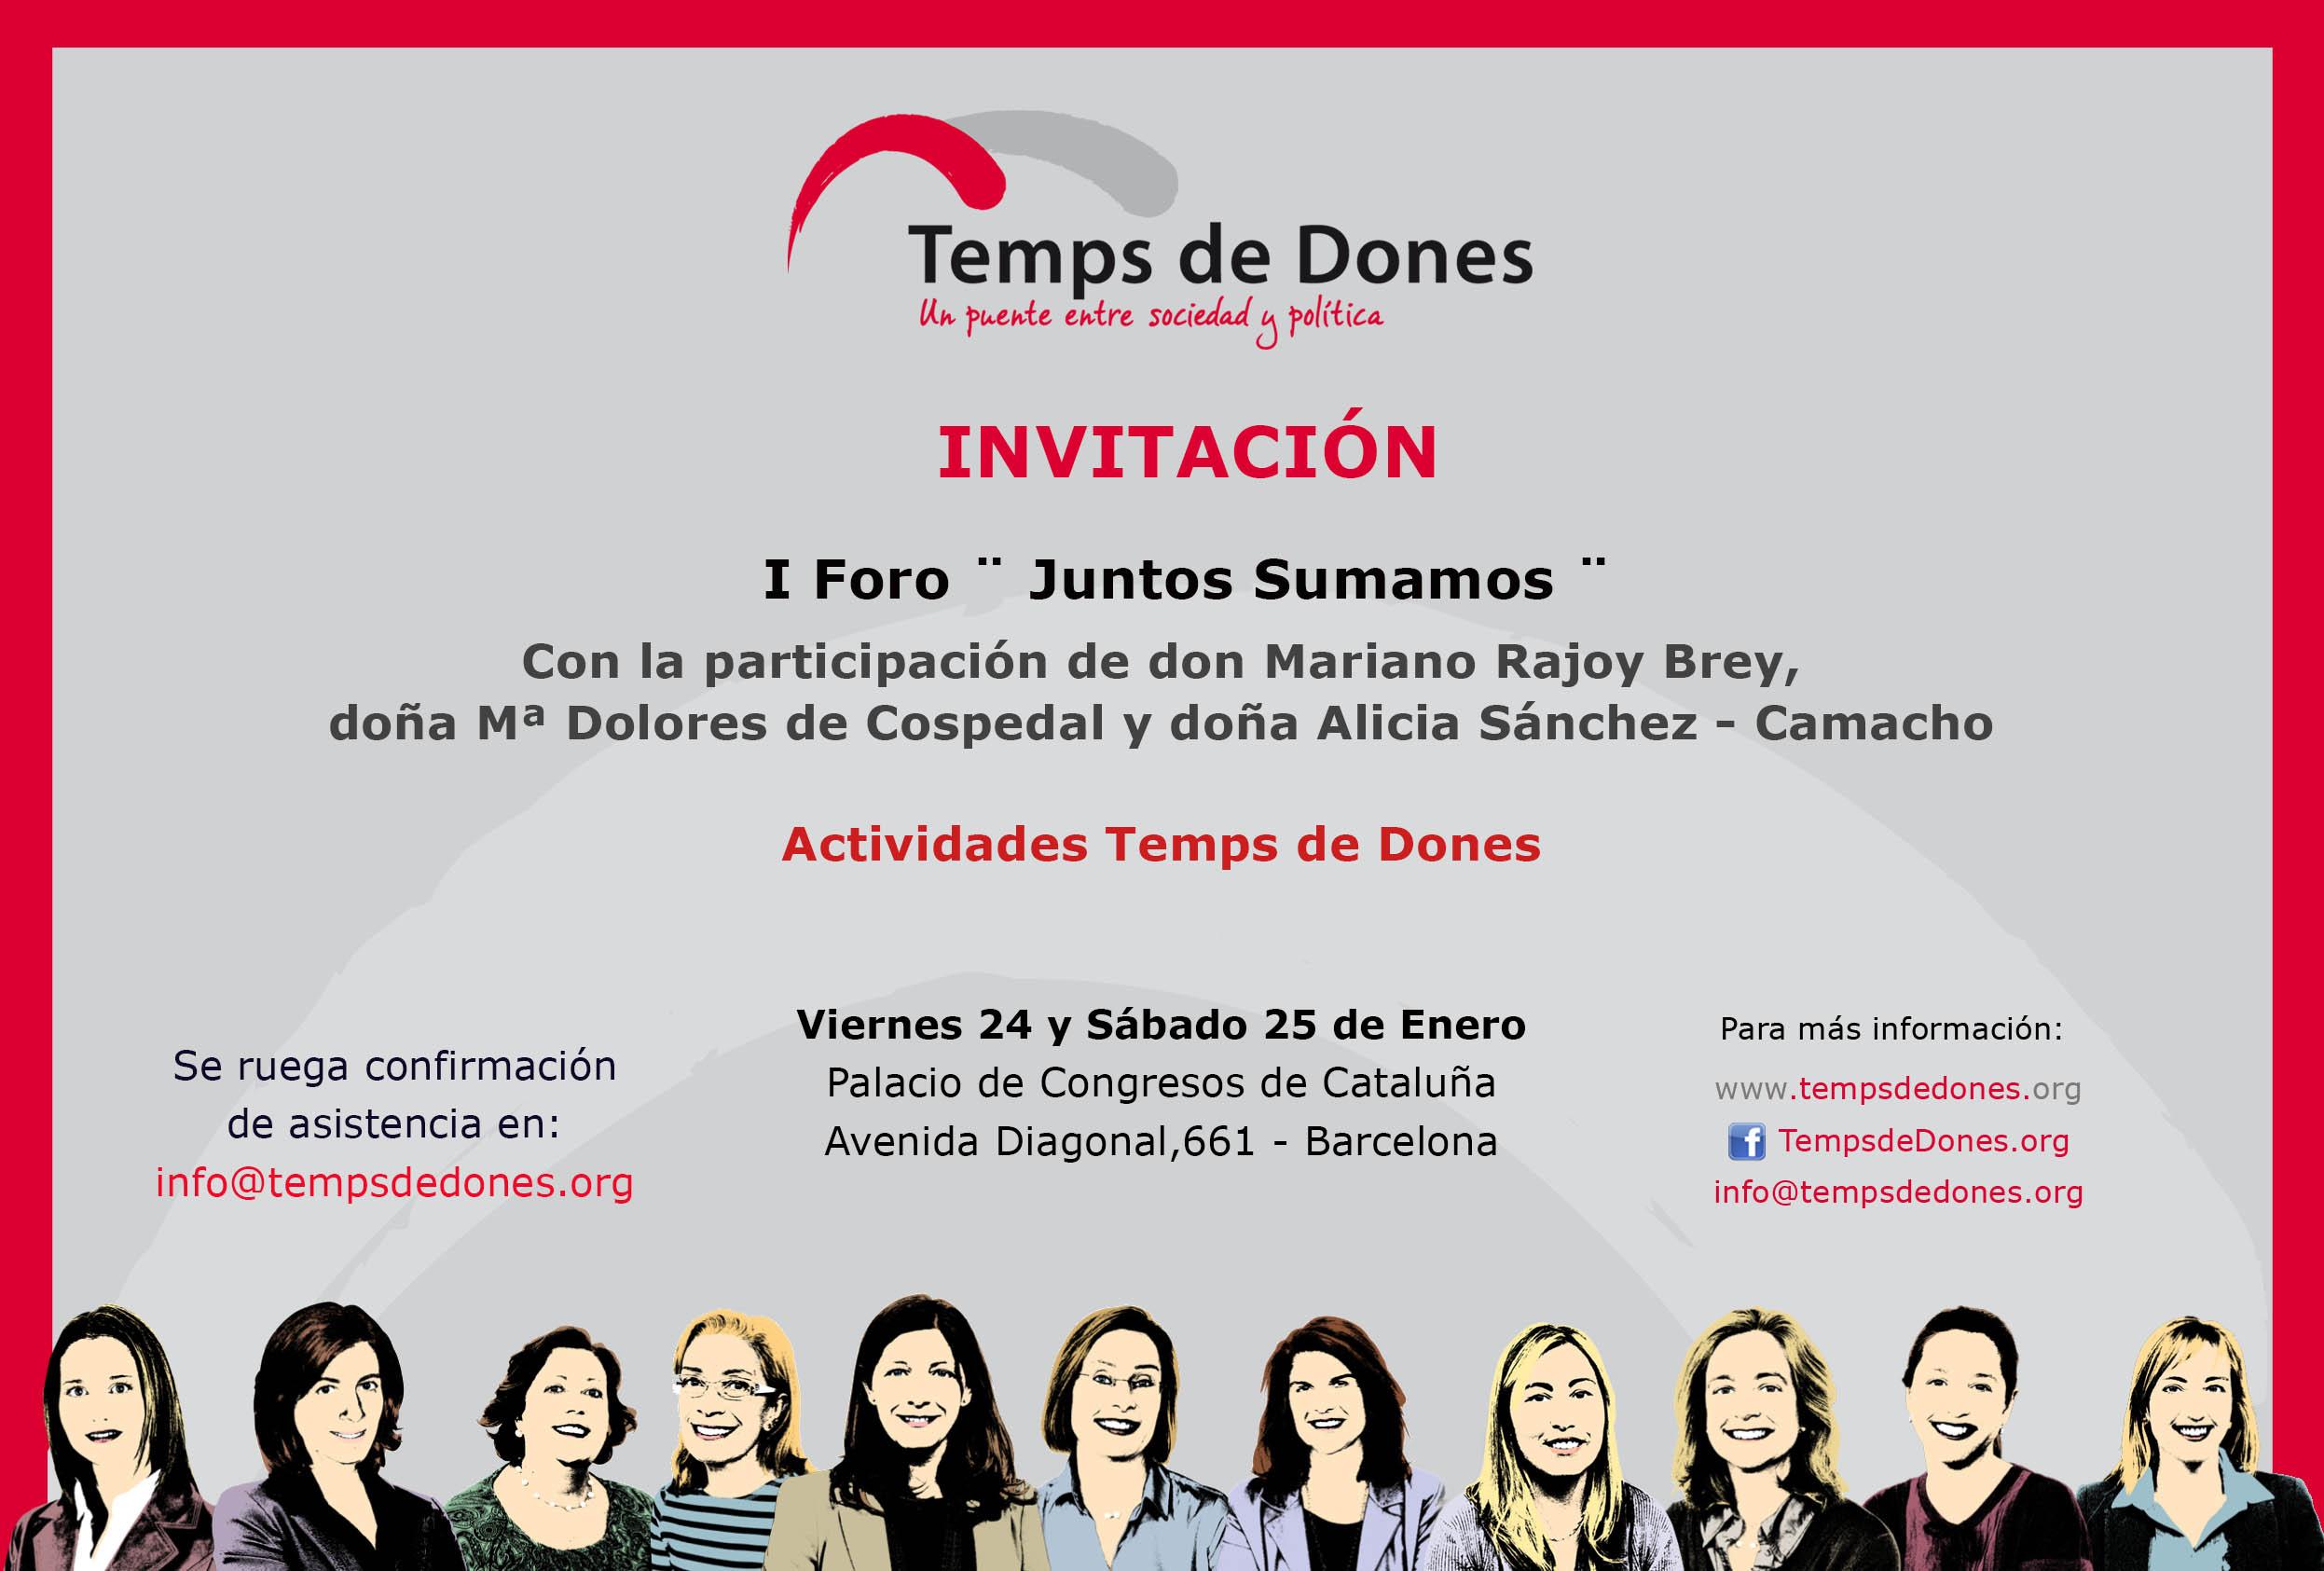 Invitacion_TempsdeDones FORO  24y25 01 14 6ª version